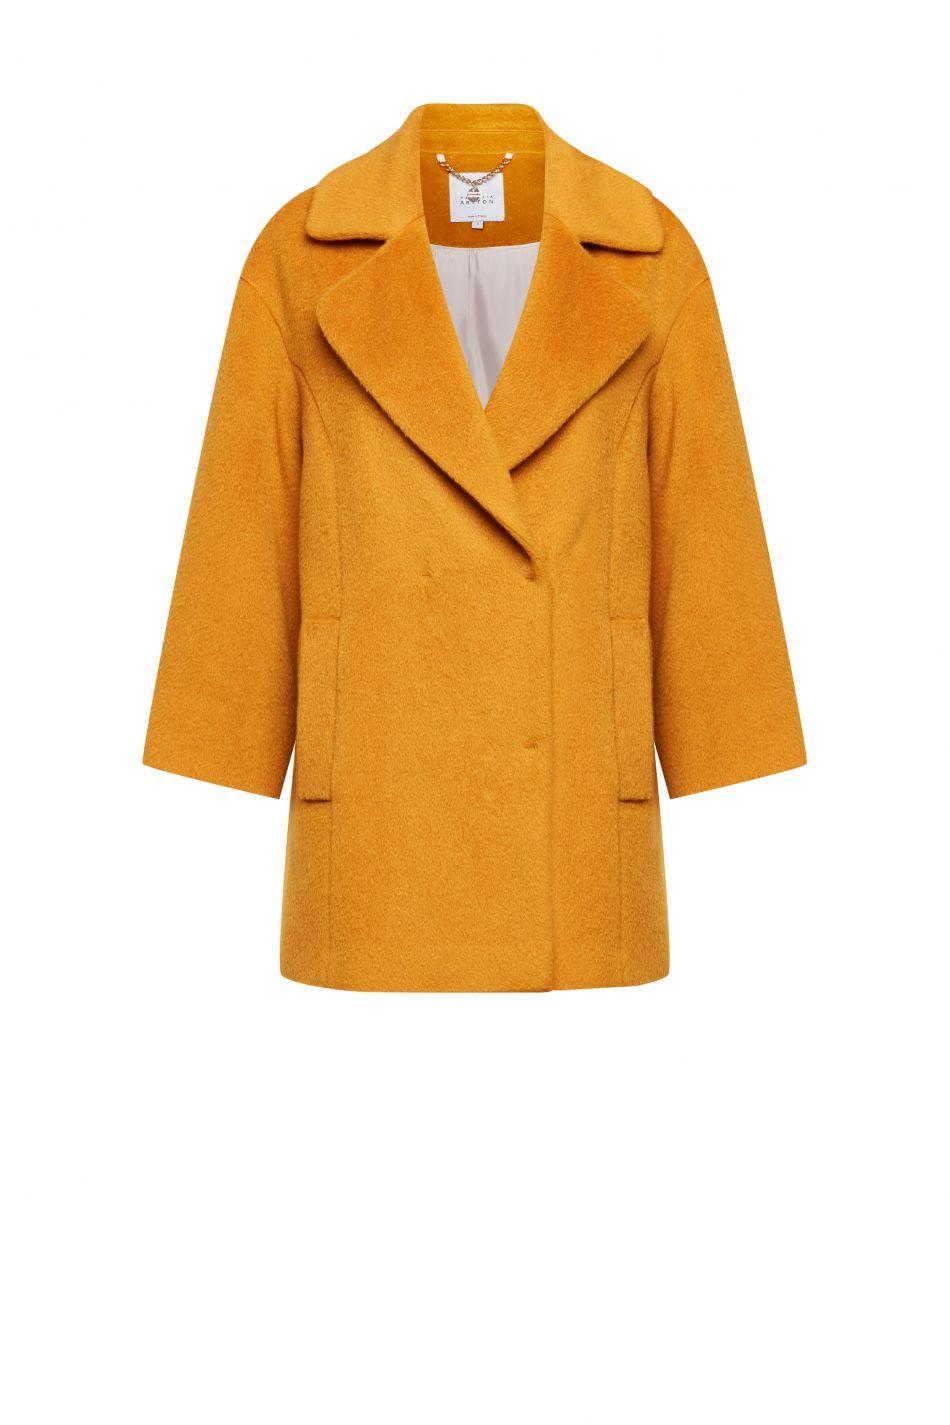 Krotki Plaszcz W Zoltym Kolorze Fashion Women S Blazer Jackets